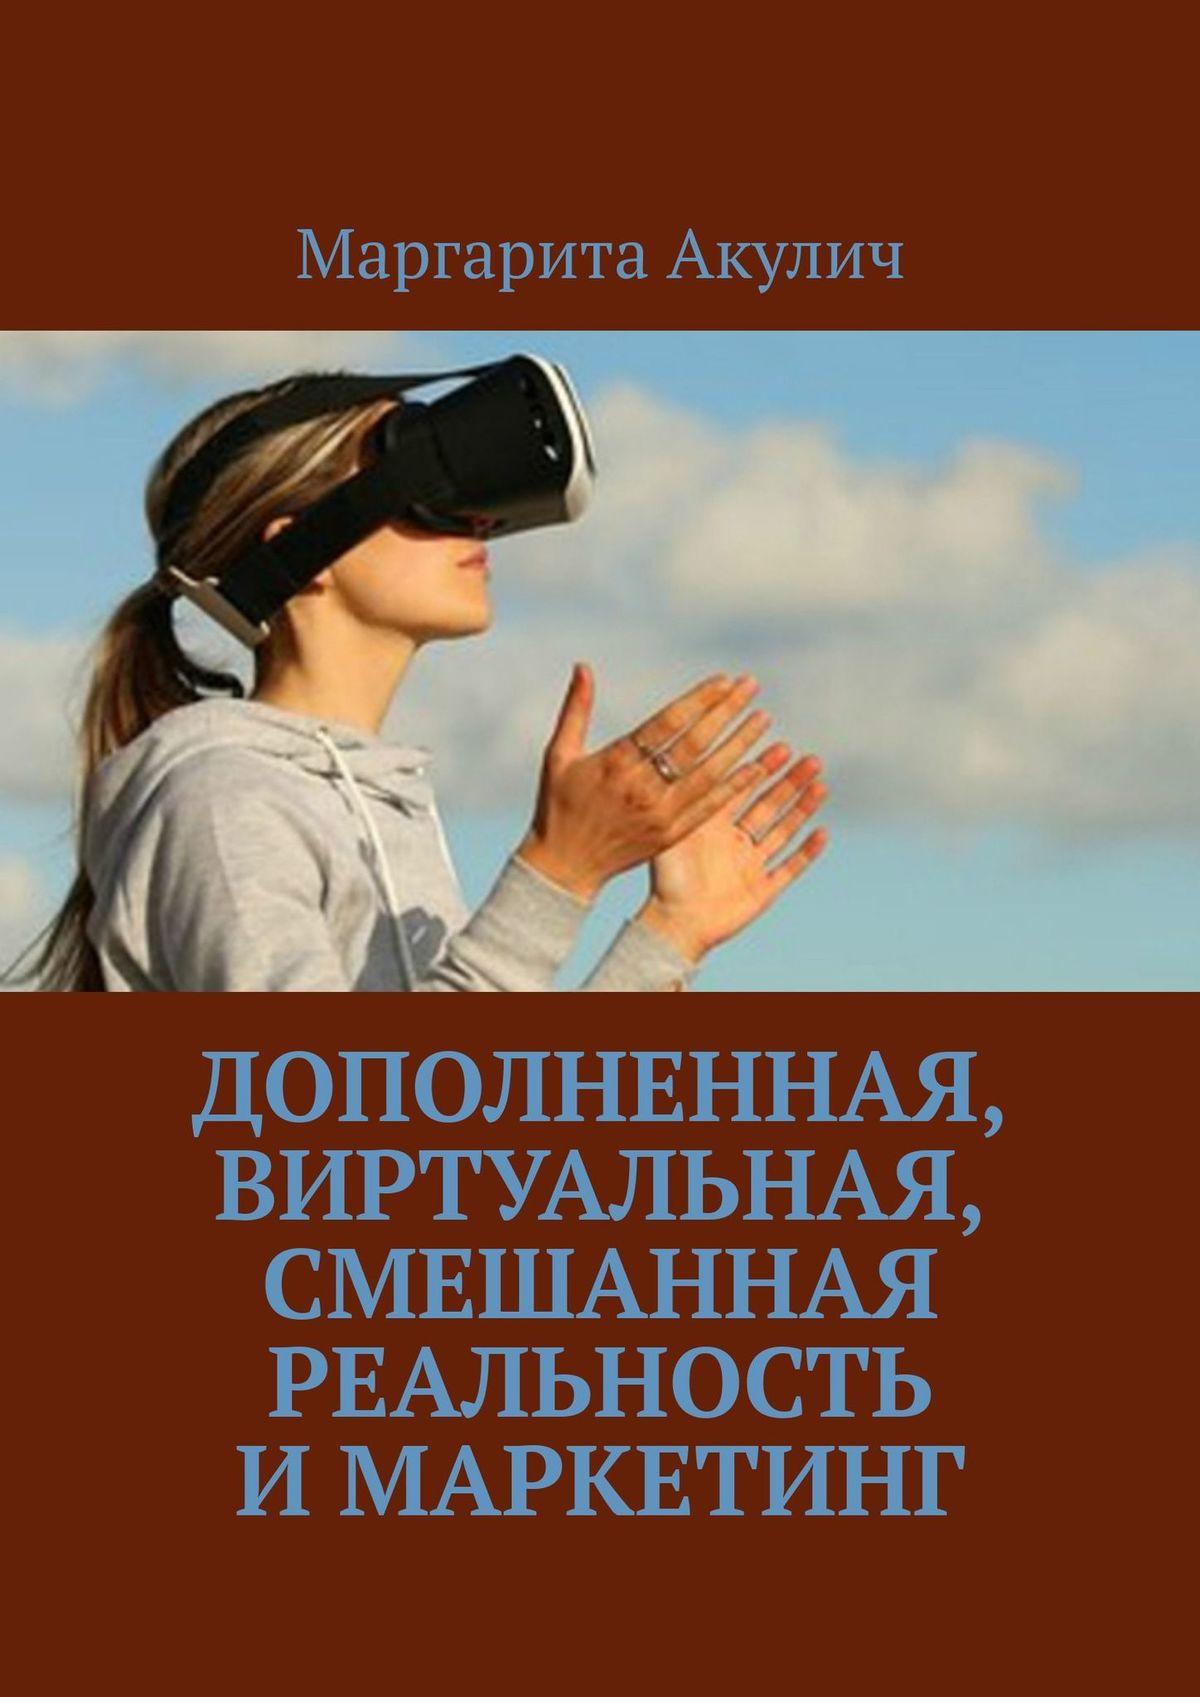 Маргарита Акулич Дополненная, виртуальная, смешанная реальность имаркетинг маргарита акулич товарный ассортимент